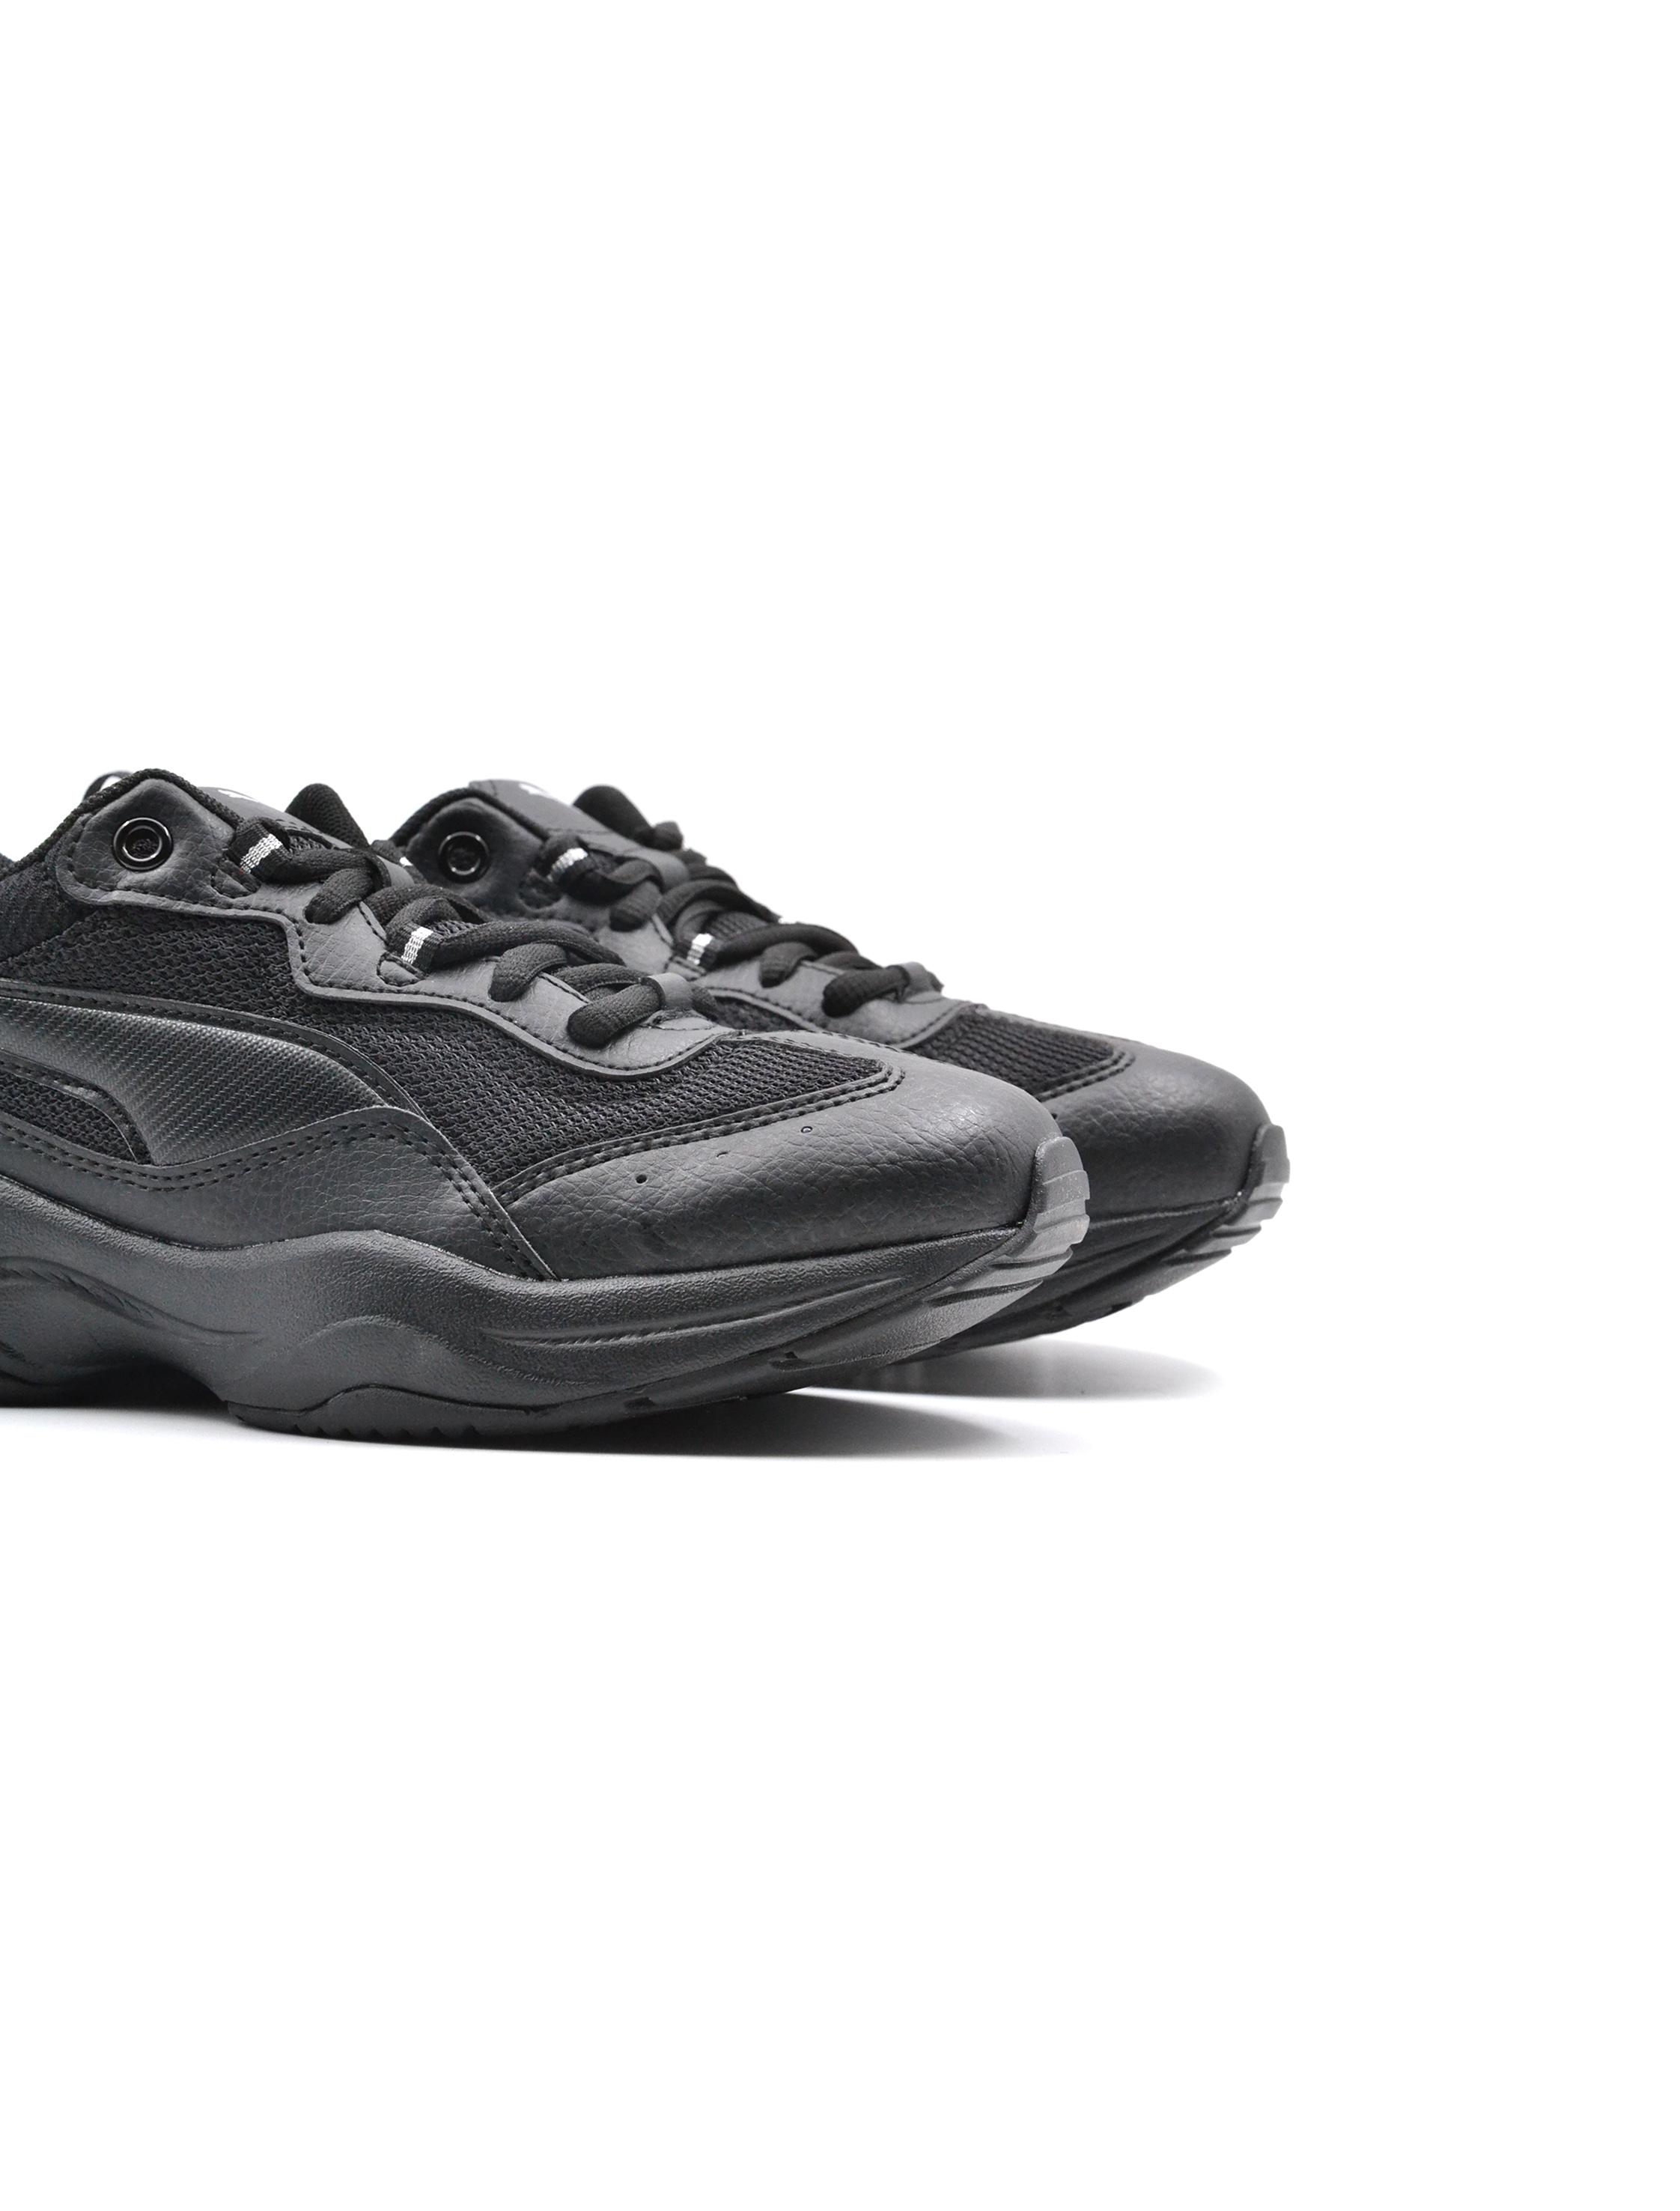 Puma cilia sneaker donna, Sneakers brand, colore 001 puma